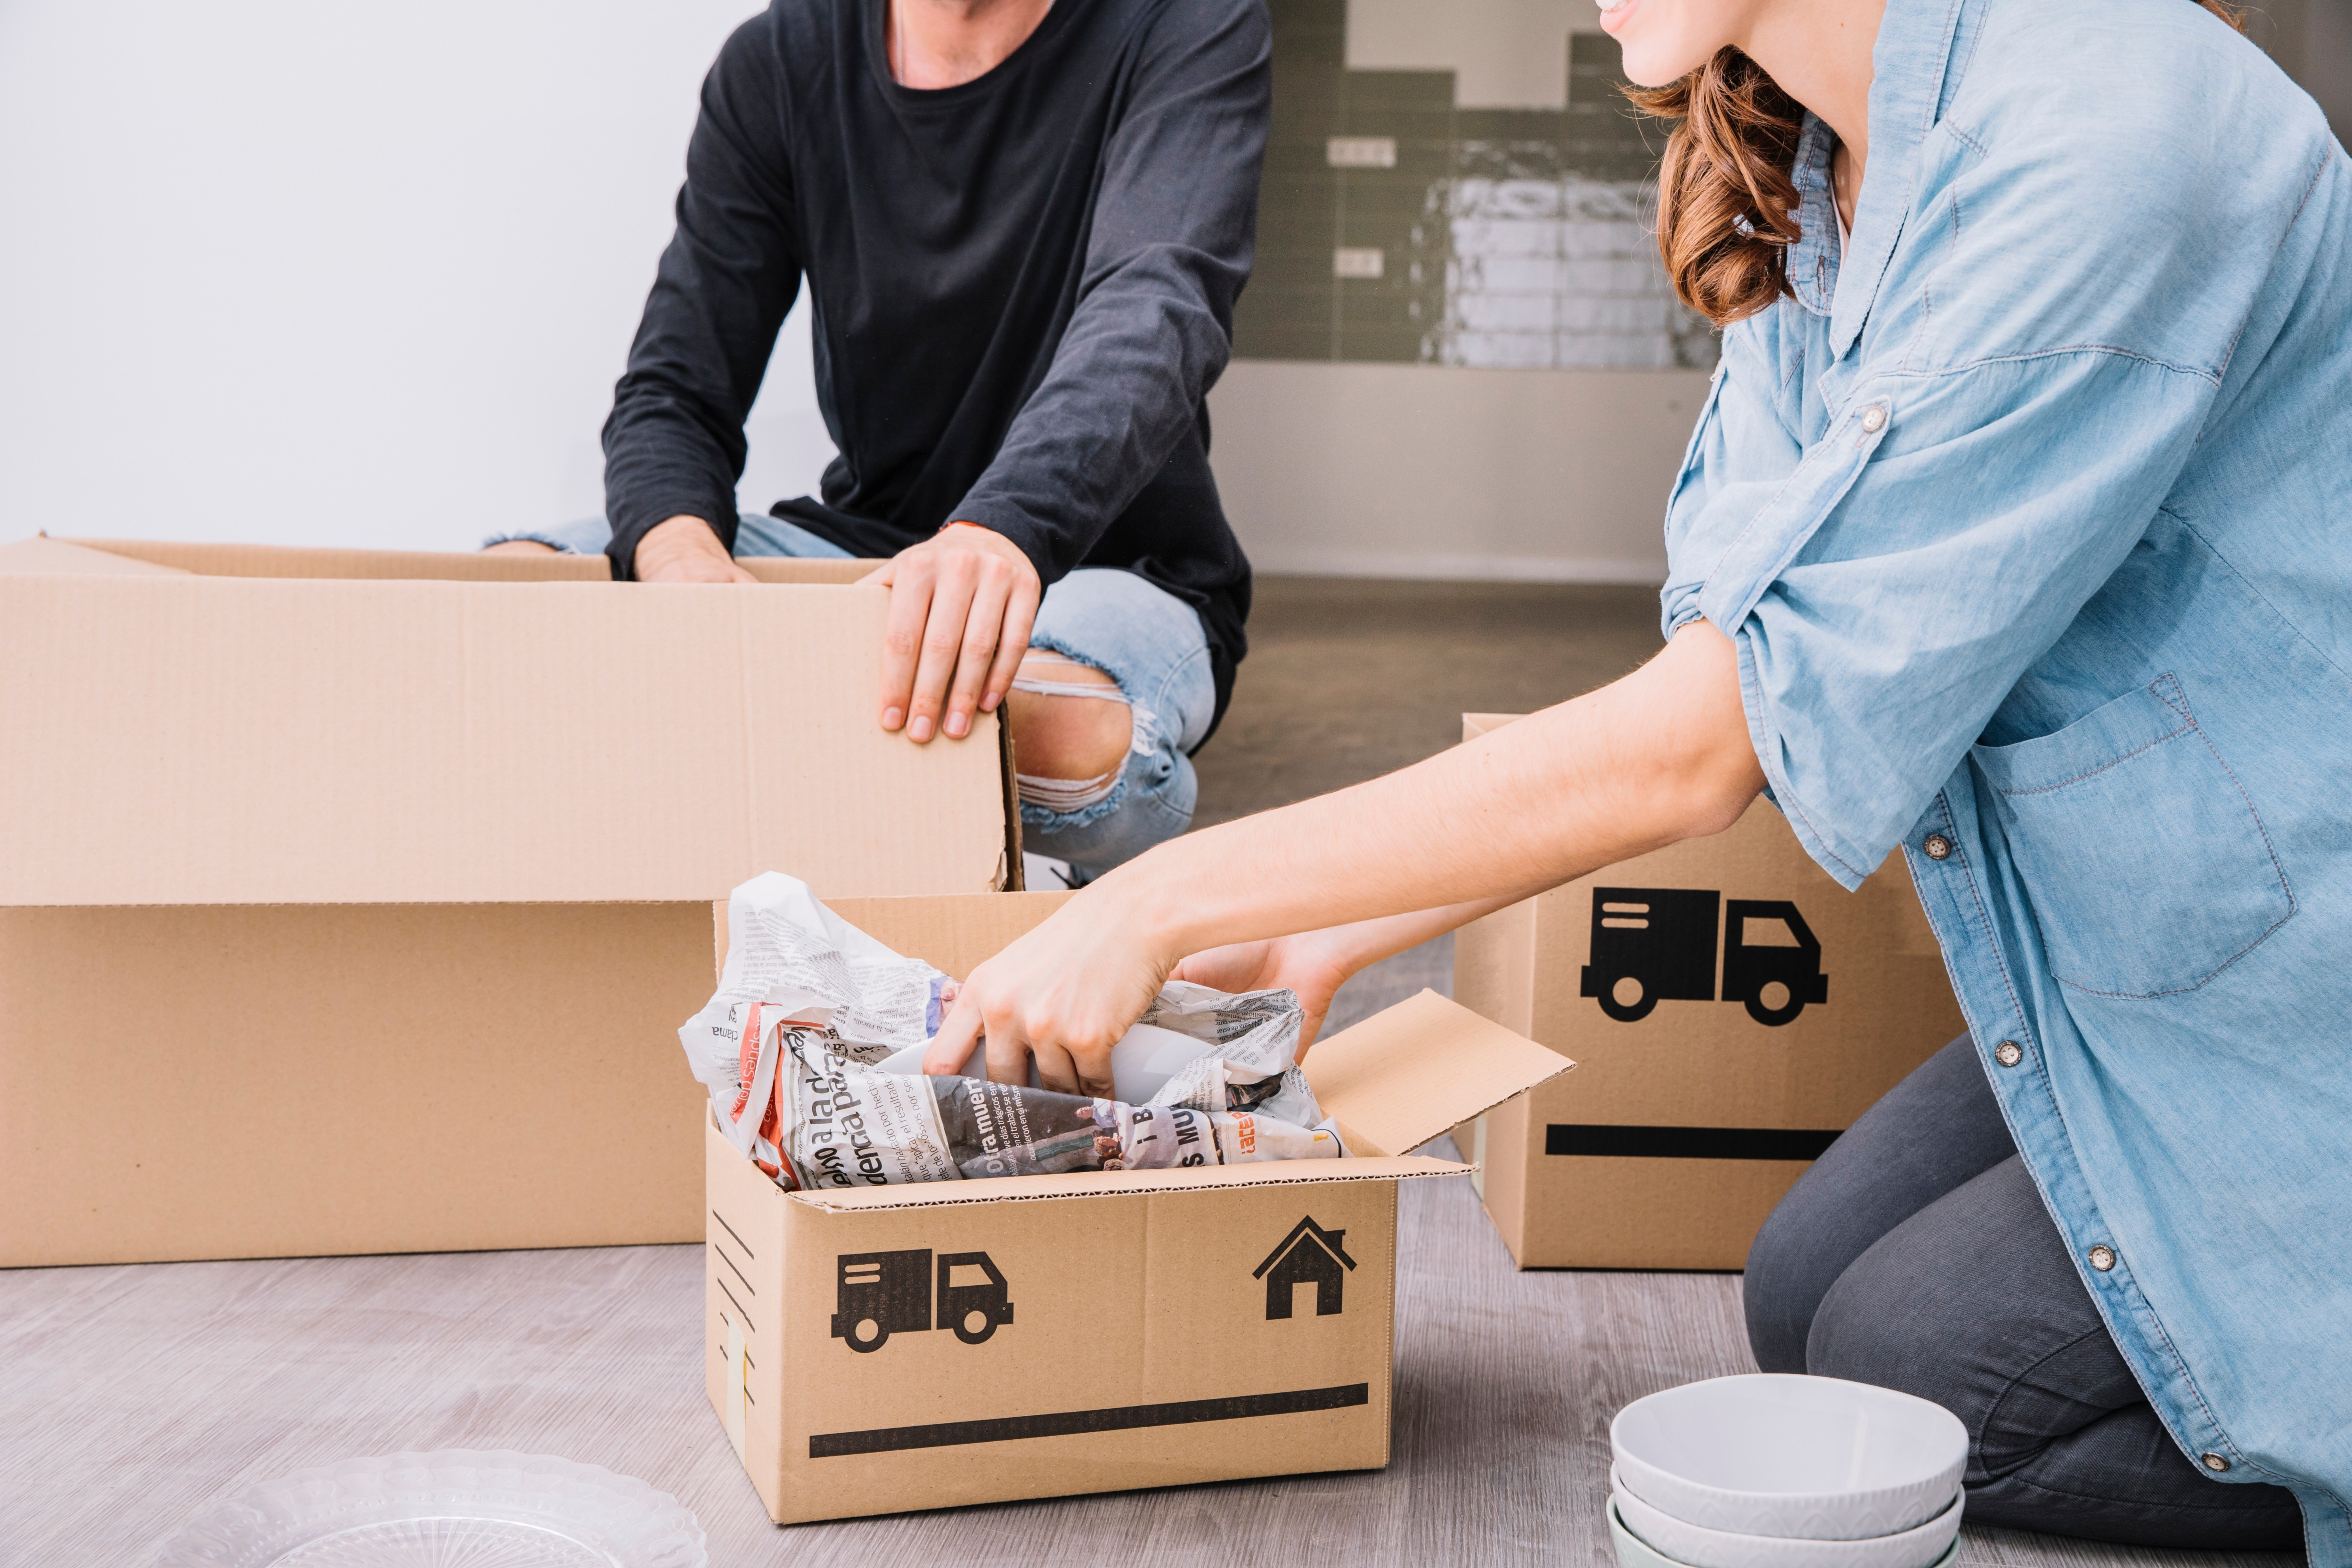 """זוג פורק קופסאות לאחר קבלת שירותי הובלות בחולון ע""""י באקו הובלות"""